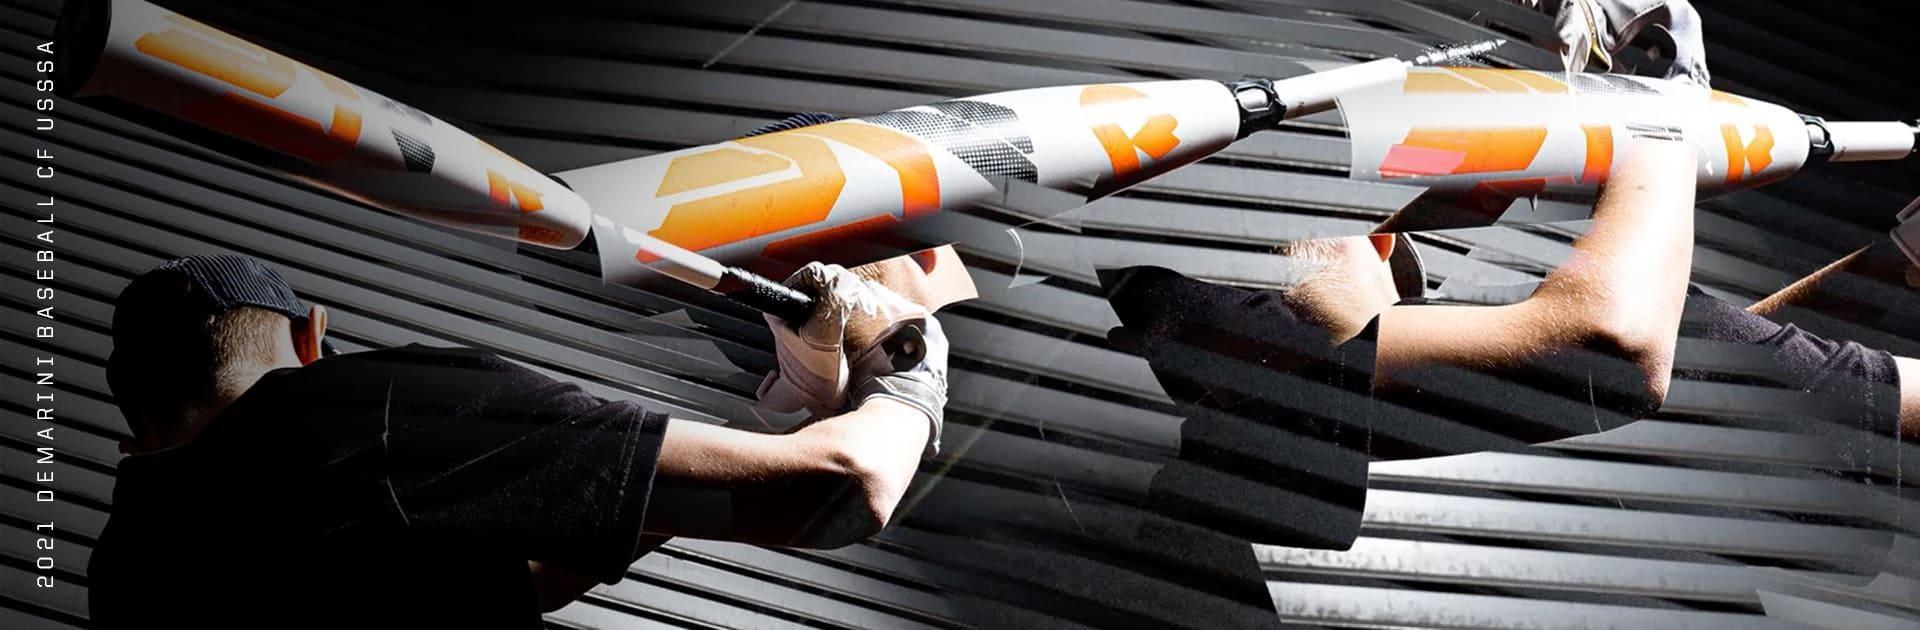 2021 DeMarini CF USSSA Bats Technology Video